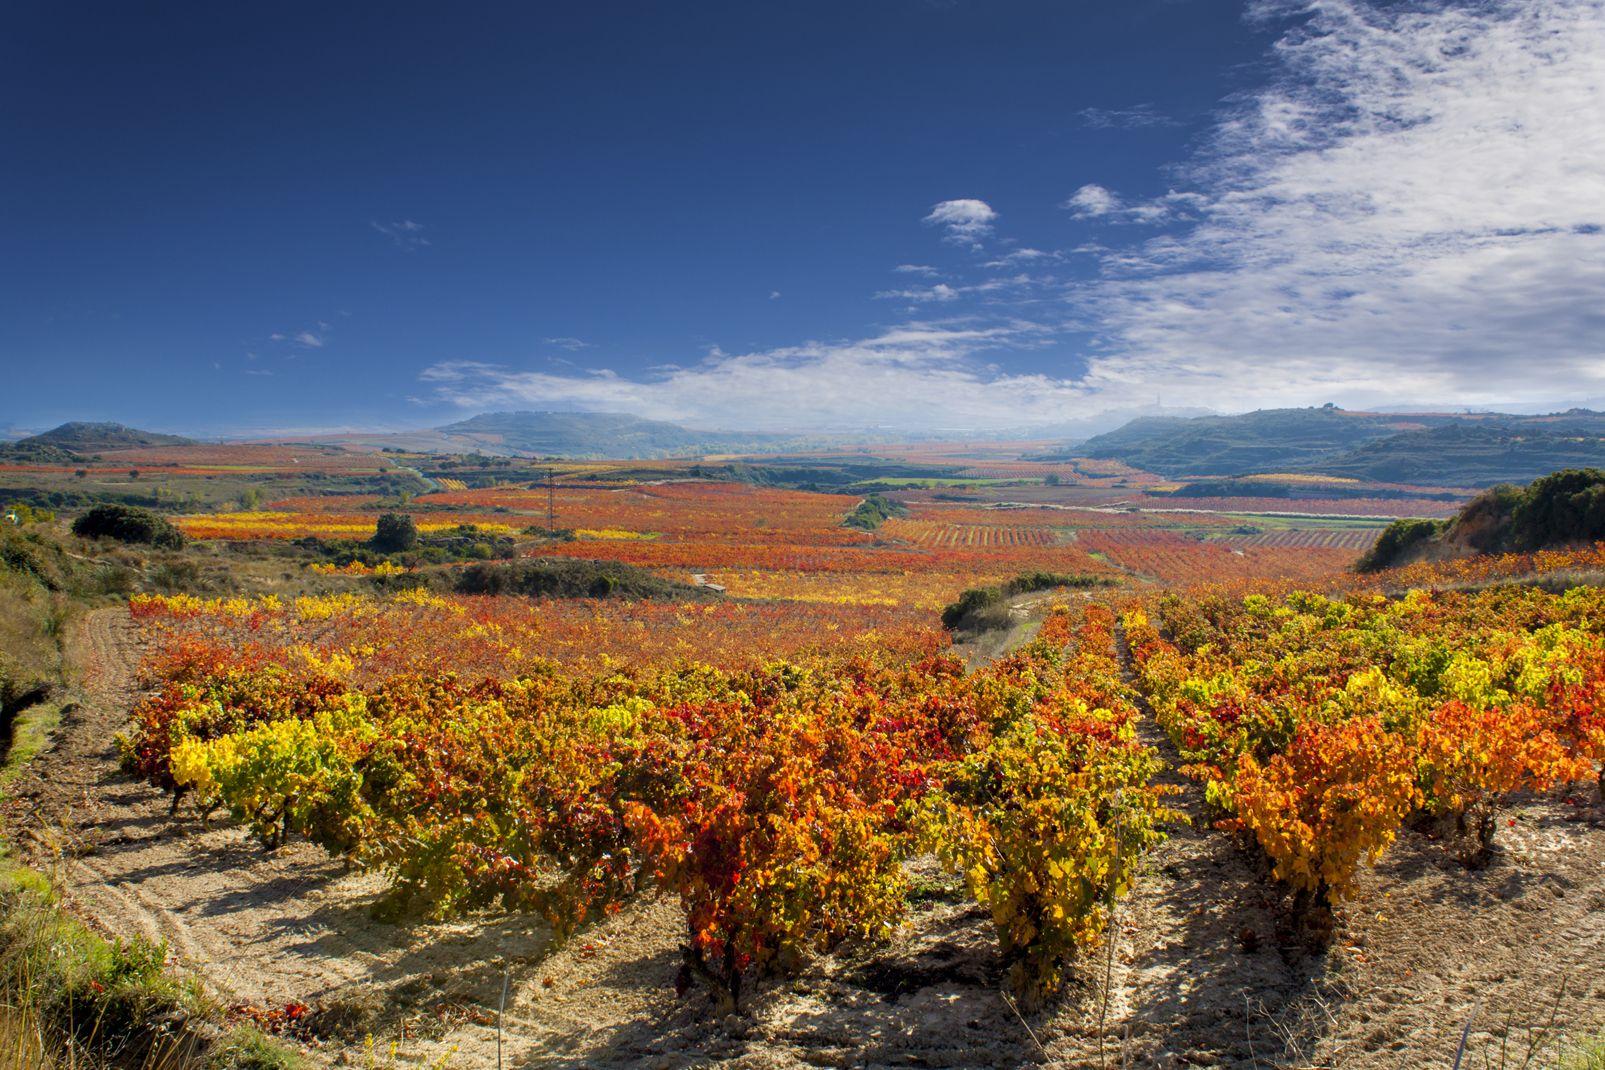 La Rioja, Spagna, La Rioja, Spagna